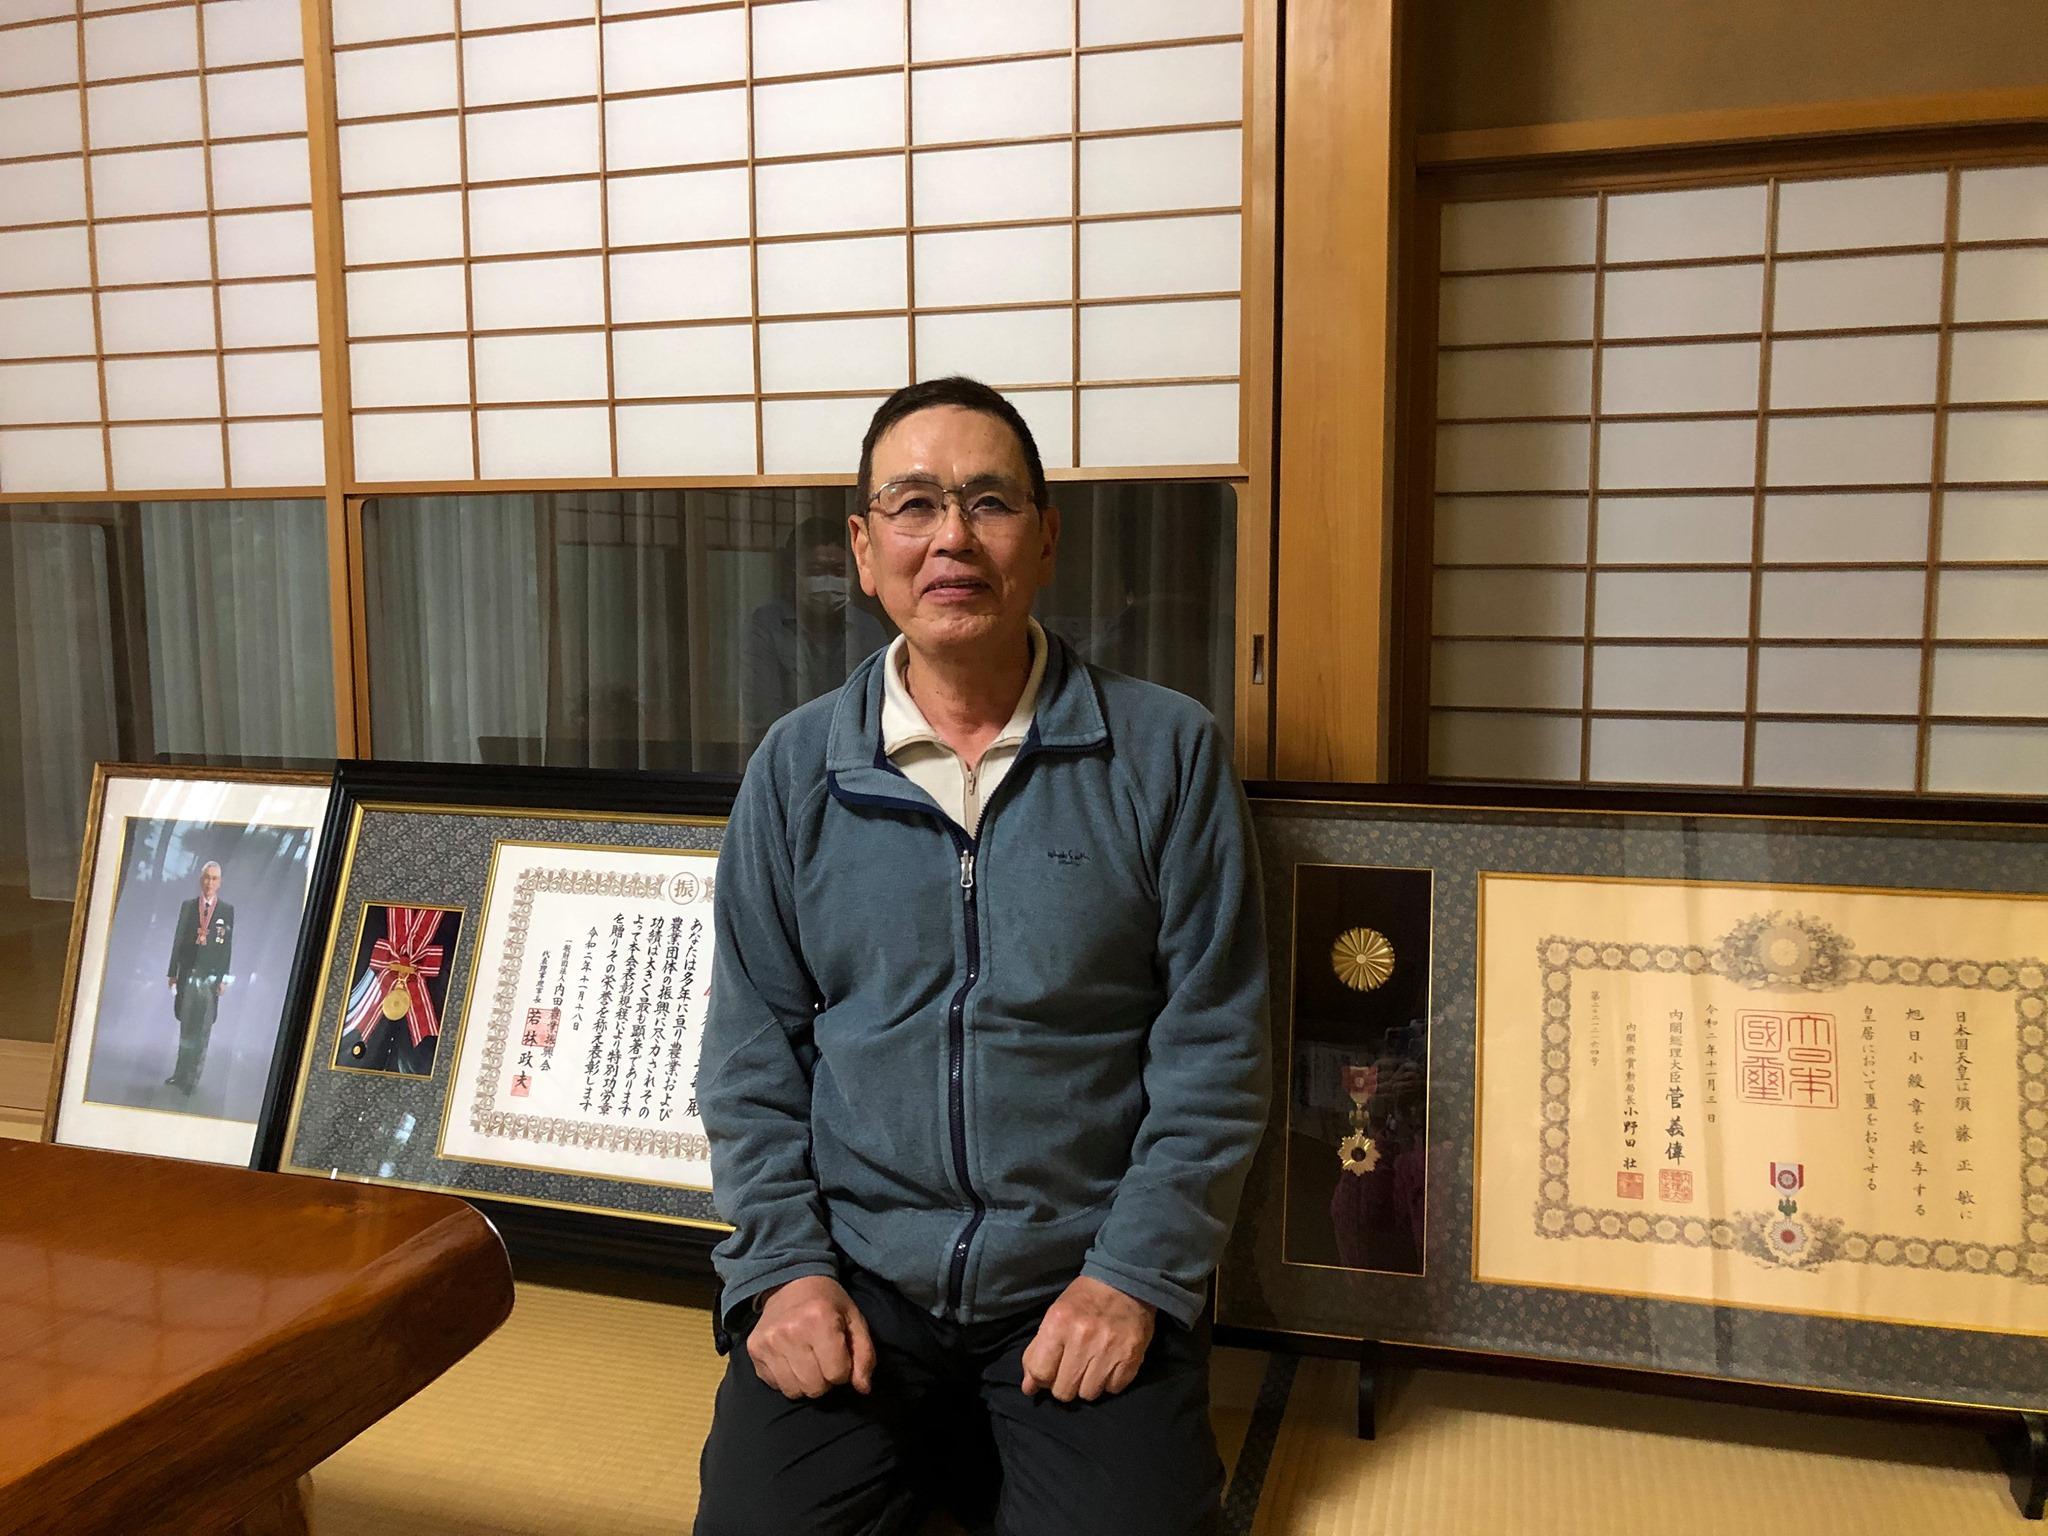 昨年の秋の叙勲で旭日小綬章を受章した須藤正敏さんを訪ねました。